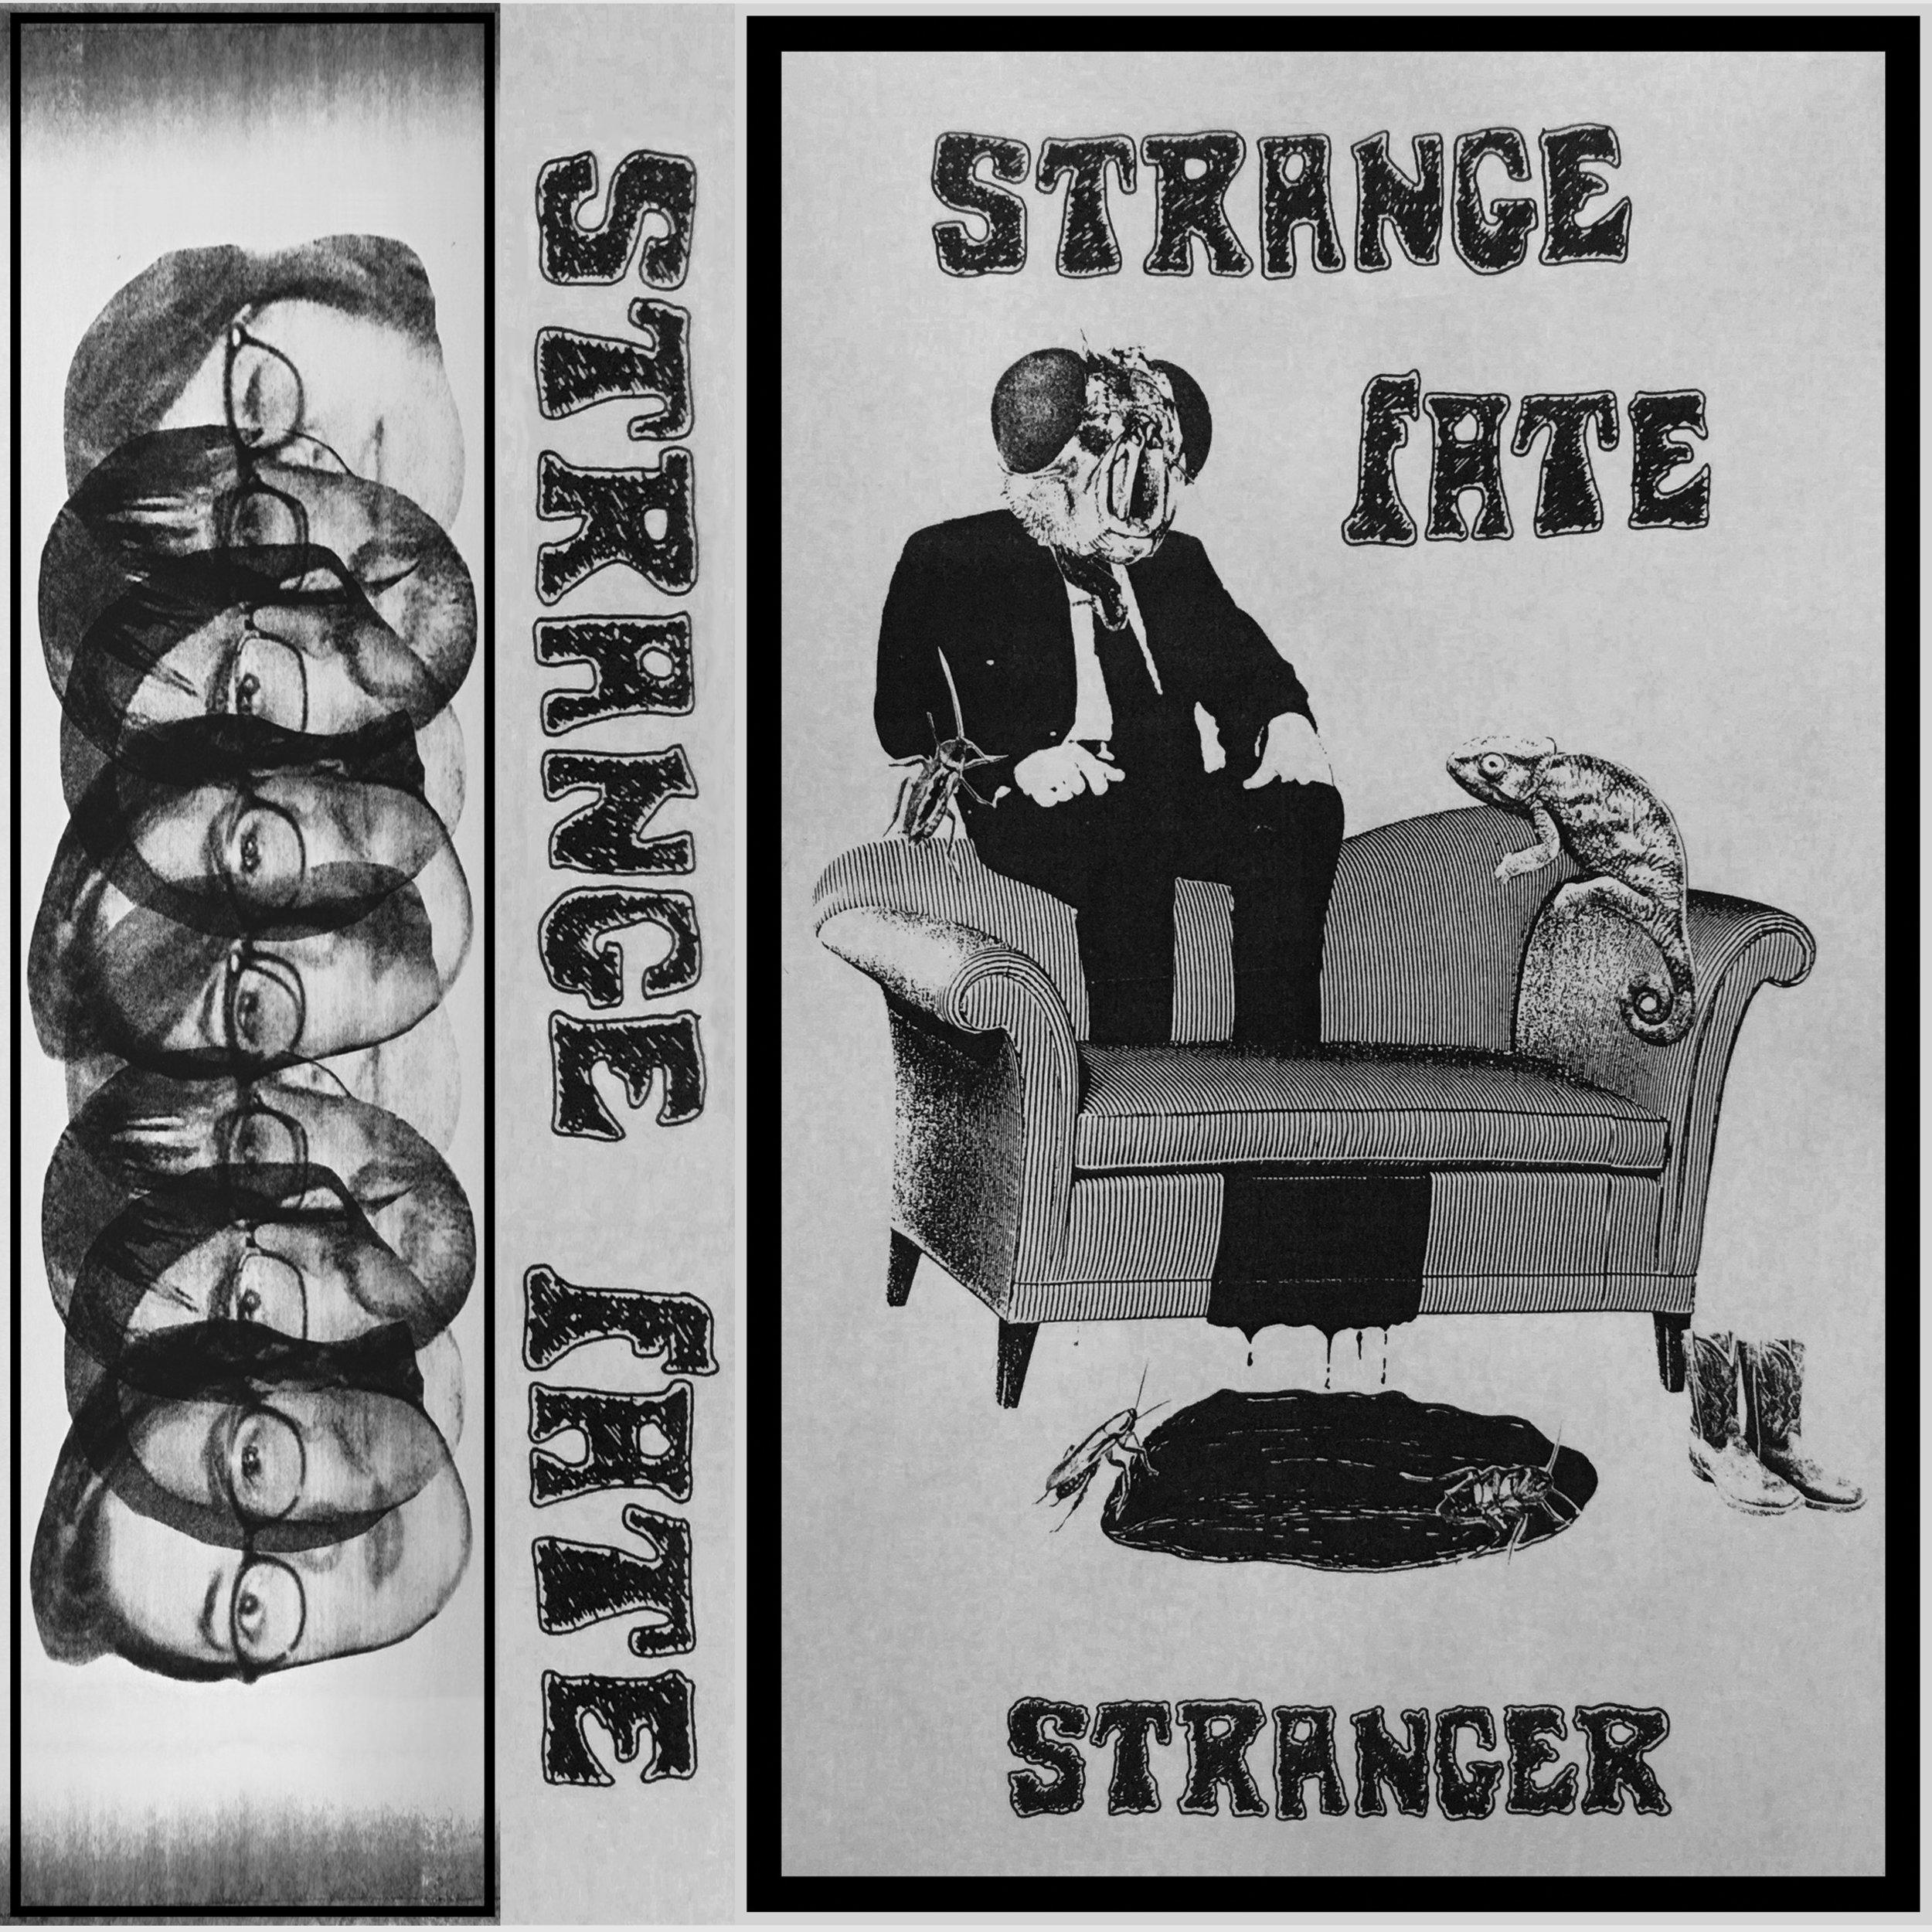 Strange Fate Stranger Cassette Cover Art Square 1.jpg